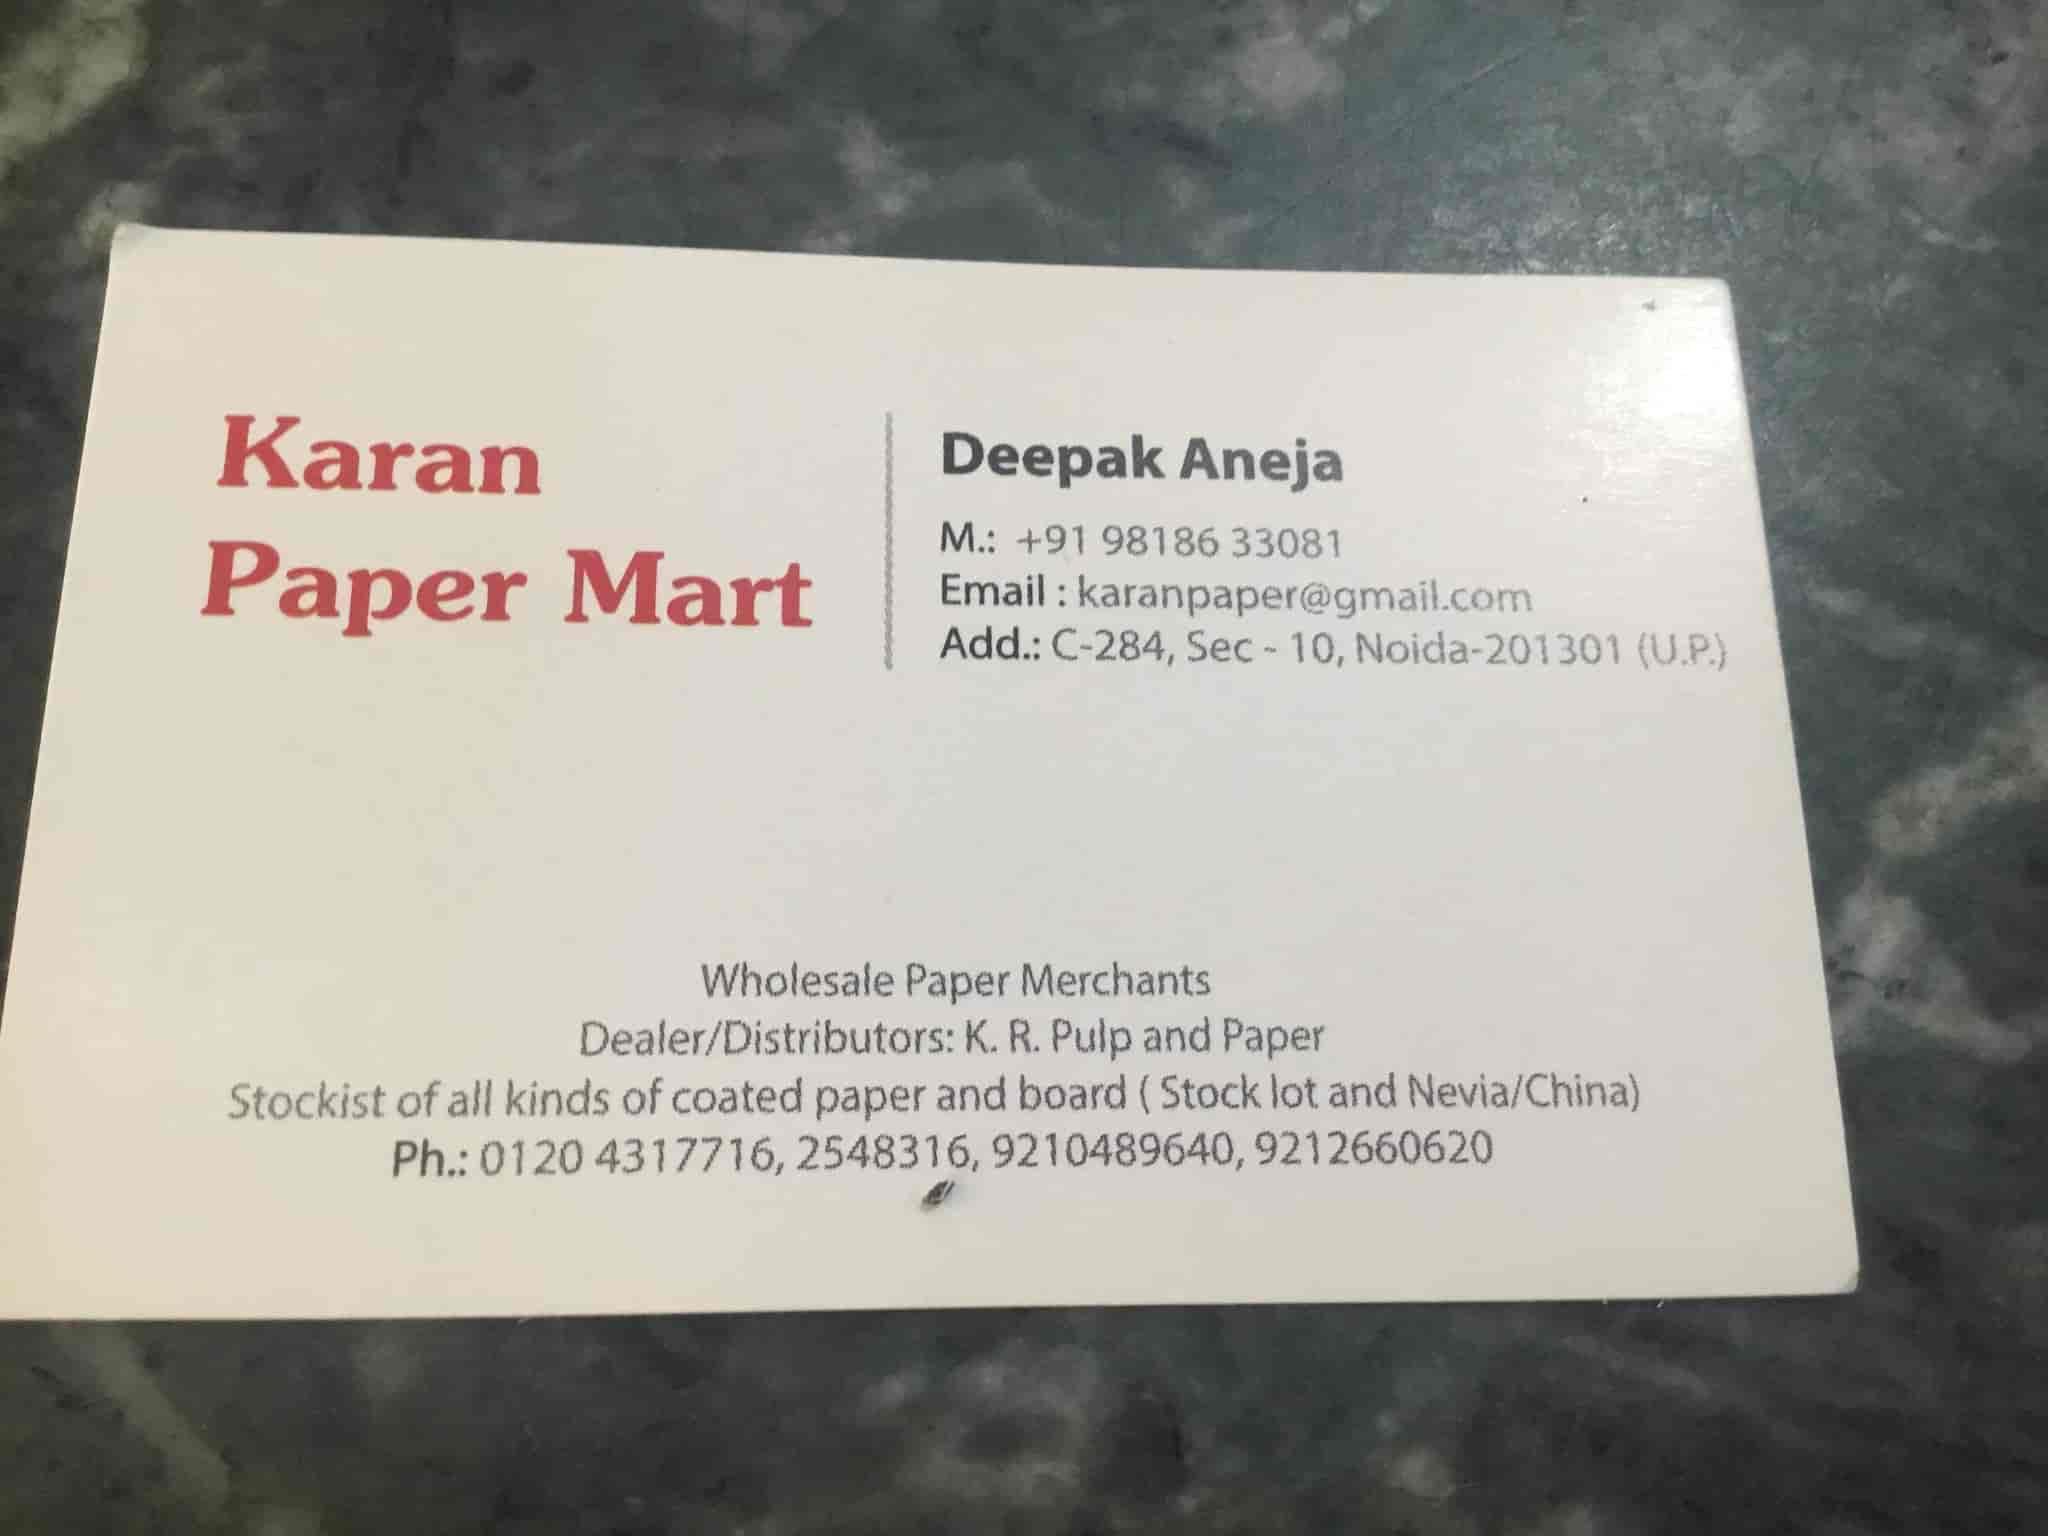 Karan Paper Mart Photos, Sector 10, Delhi- Pictures & Images